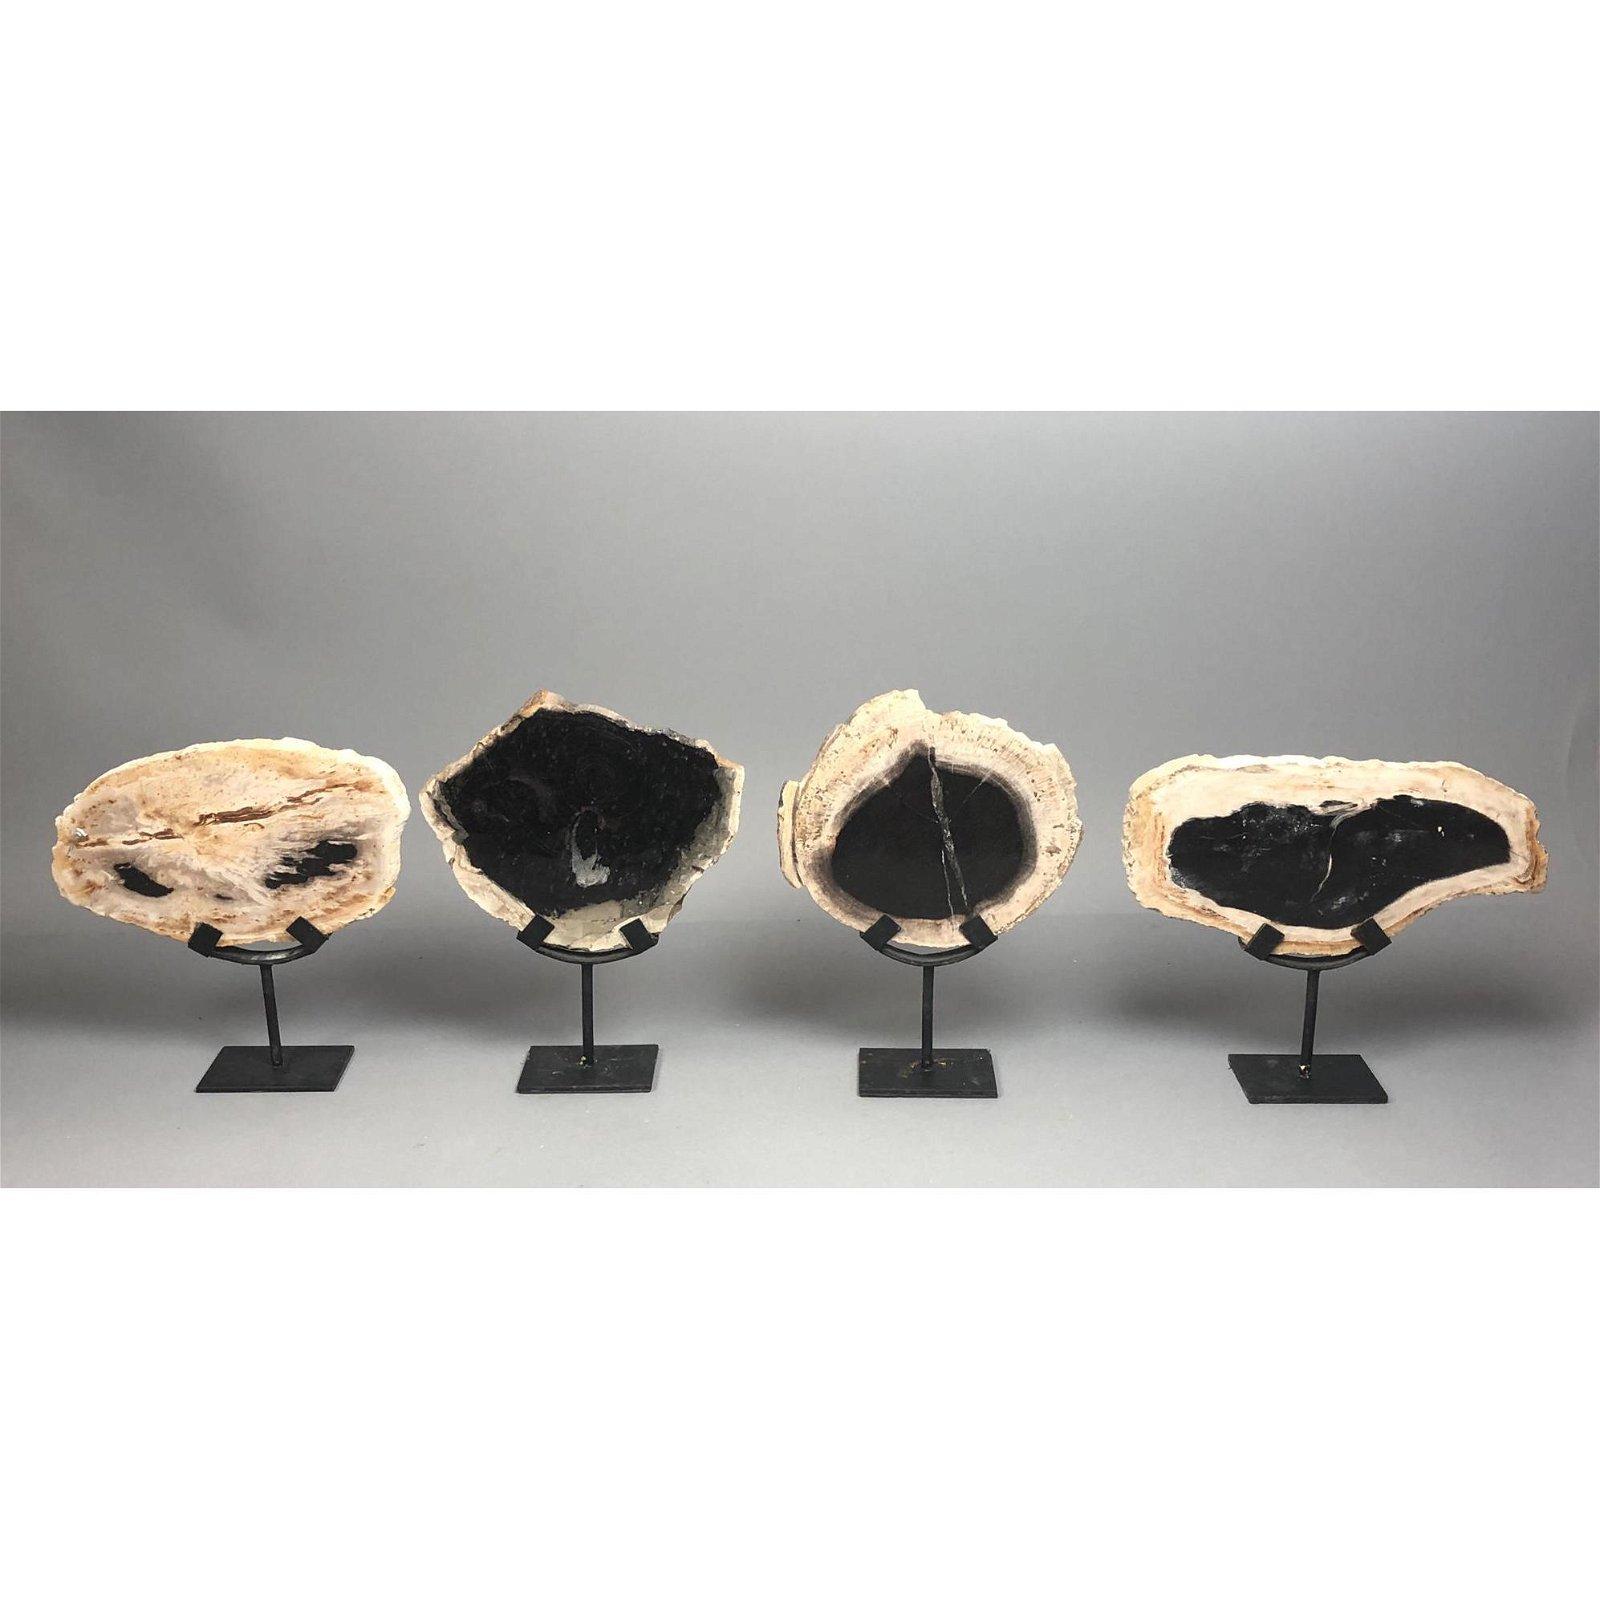 4 Loon Peak Petrified Wood Slab Table Sculptures. Custo